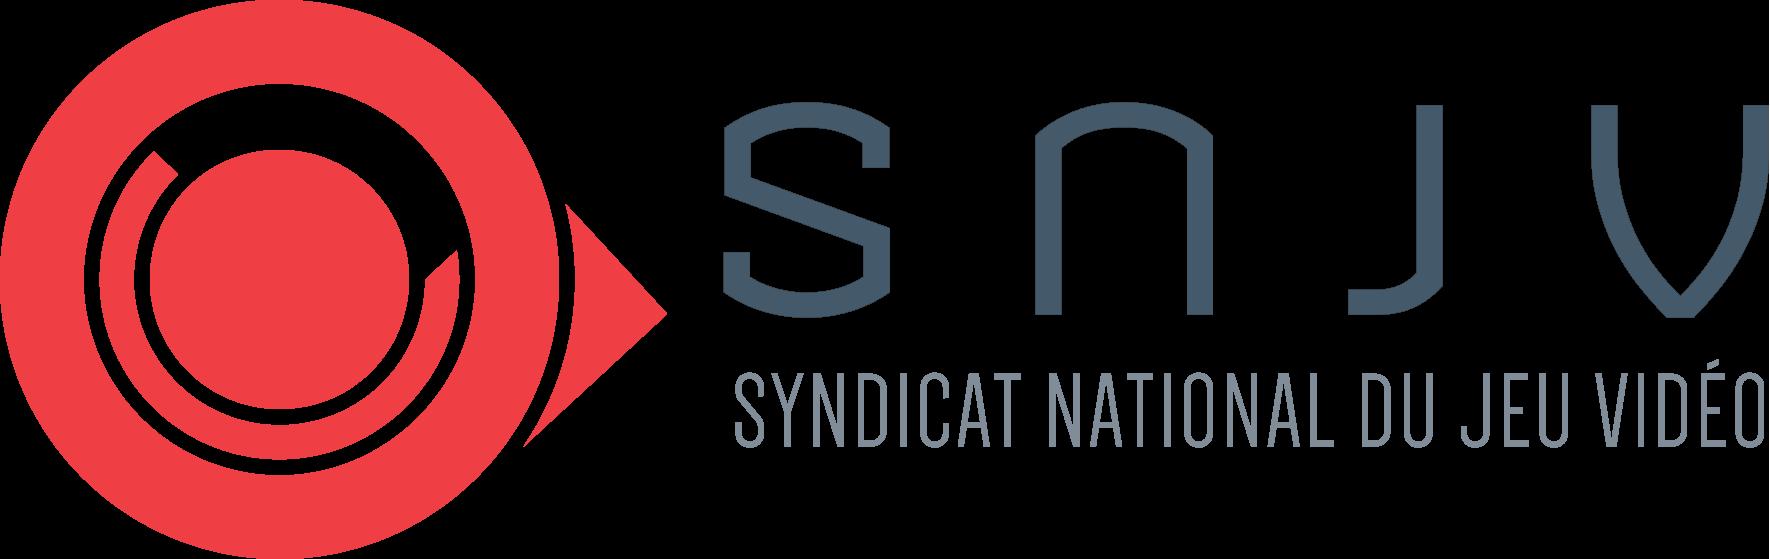 Syndicat National du Jeu Vidéo